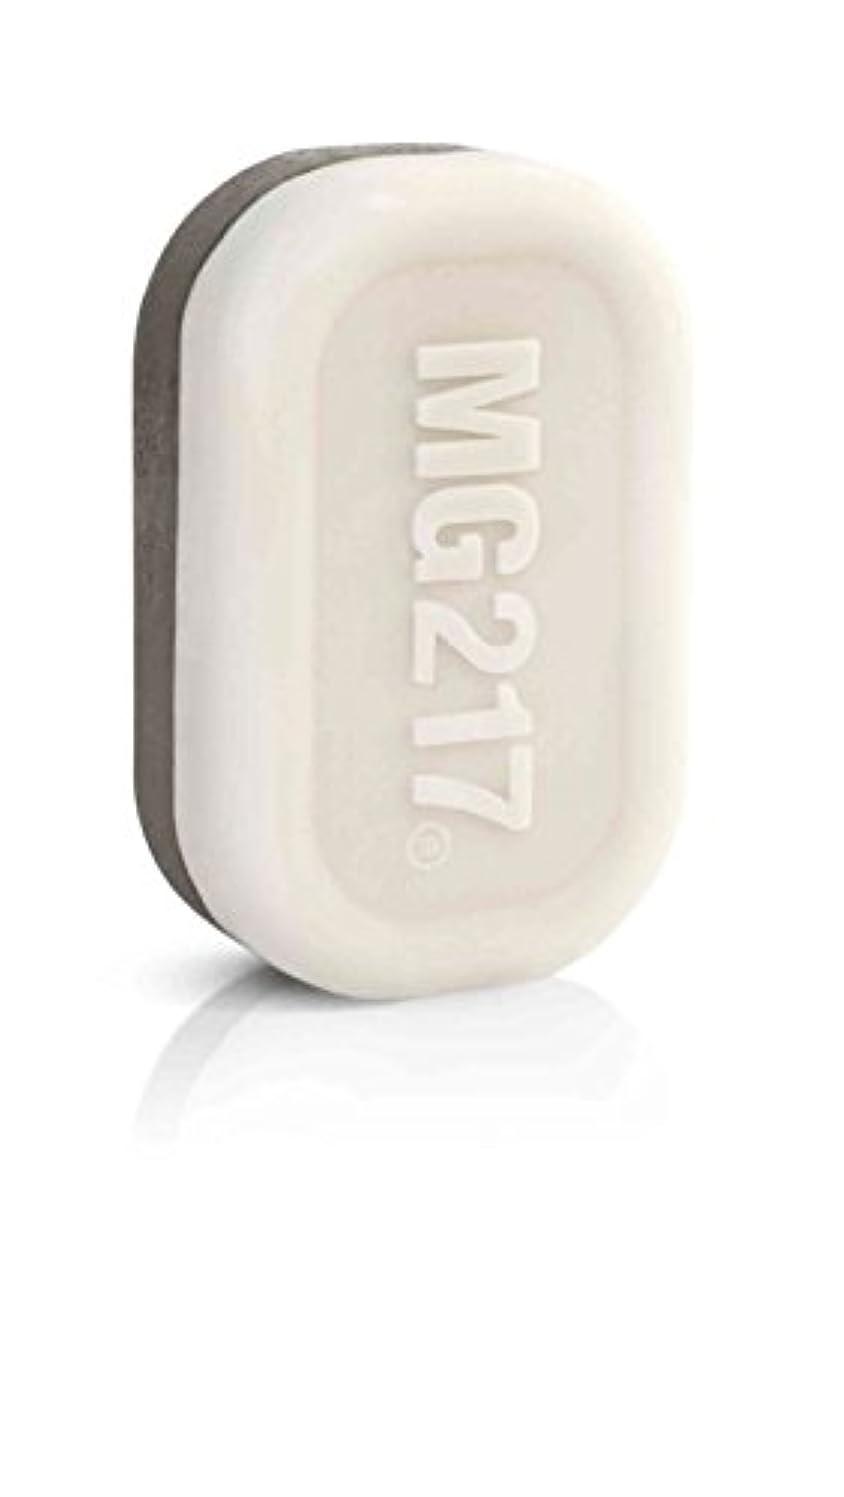 ミトン精緻化アプライアンス死海の泥とミネラルたっぷり MG217ソープ 90g MG217 Psoriasis Therapeutic Conditioning Dead Sea Bar Soap